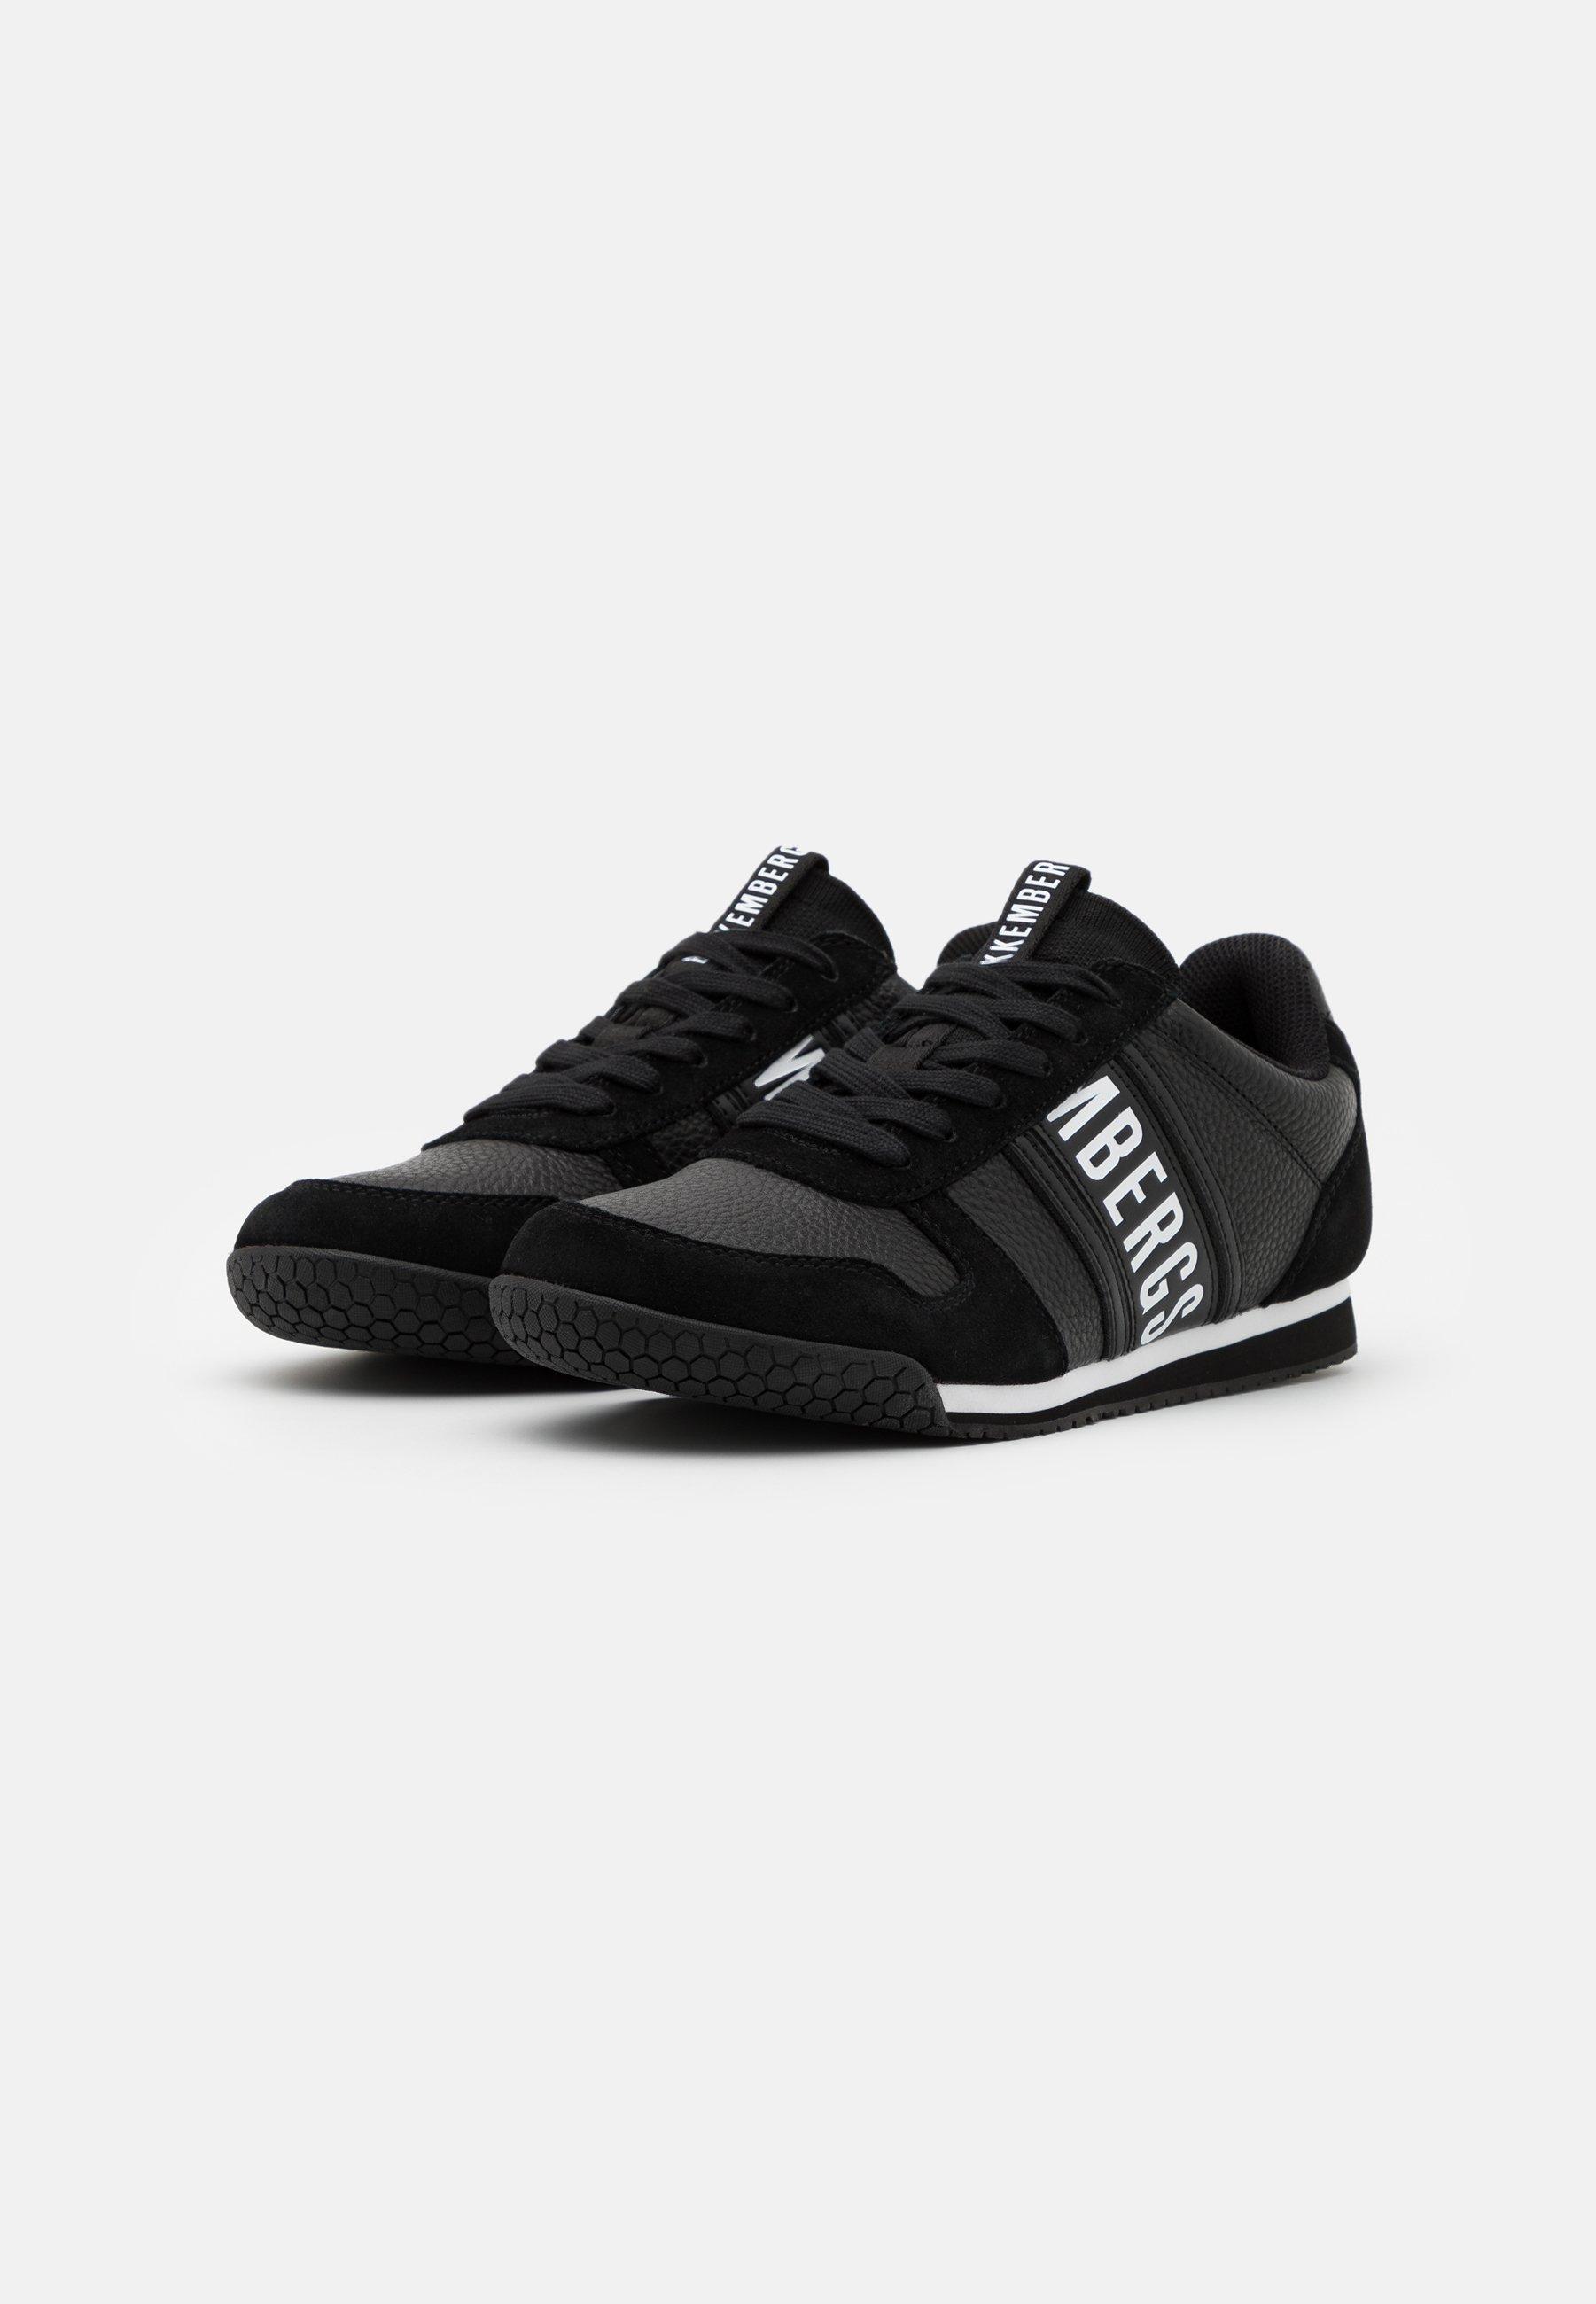 ENRICUS Sneakers blackwhite